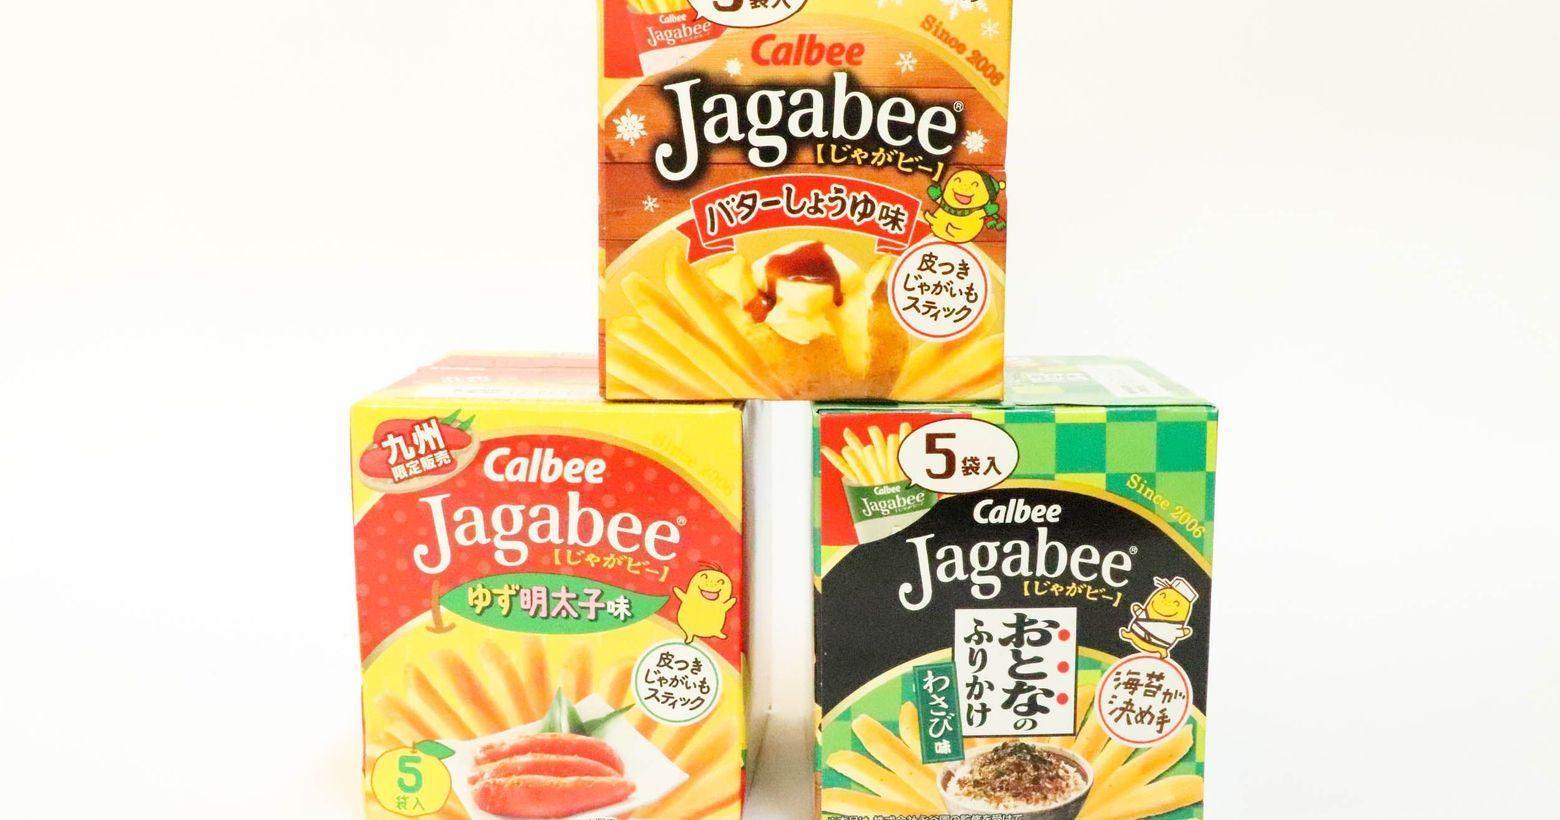 零食小姐開箱🍟薯條三兄弟的好朋友「Jagabee」(じゃがビー)熱愛吃薯條三兄弟的你,是不是一開始